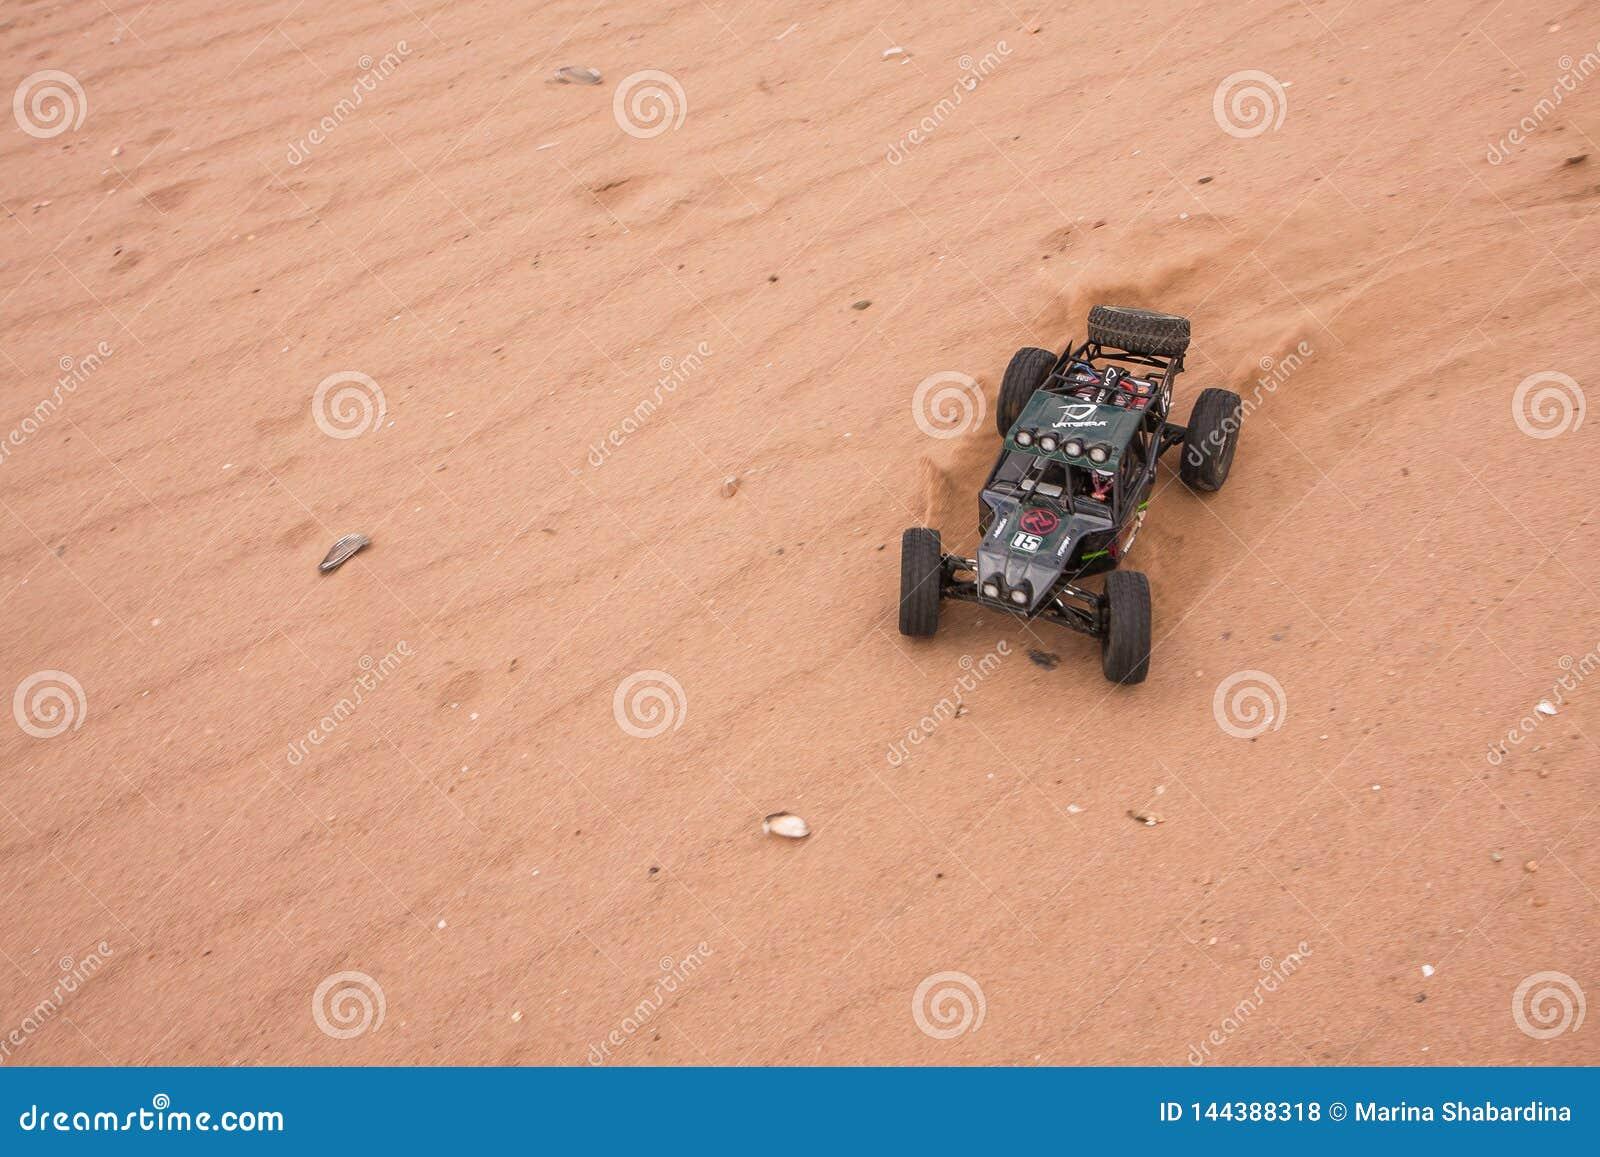 Kolyazin, Moskau-Region/Russische Föderation - 1. Mai 2014: RC-Auto crowler Vaterra-Zwillings-Hämmer, die durch den Sand fahren